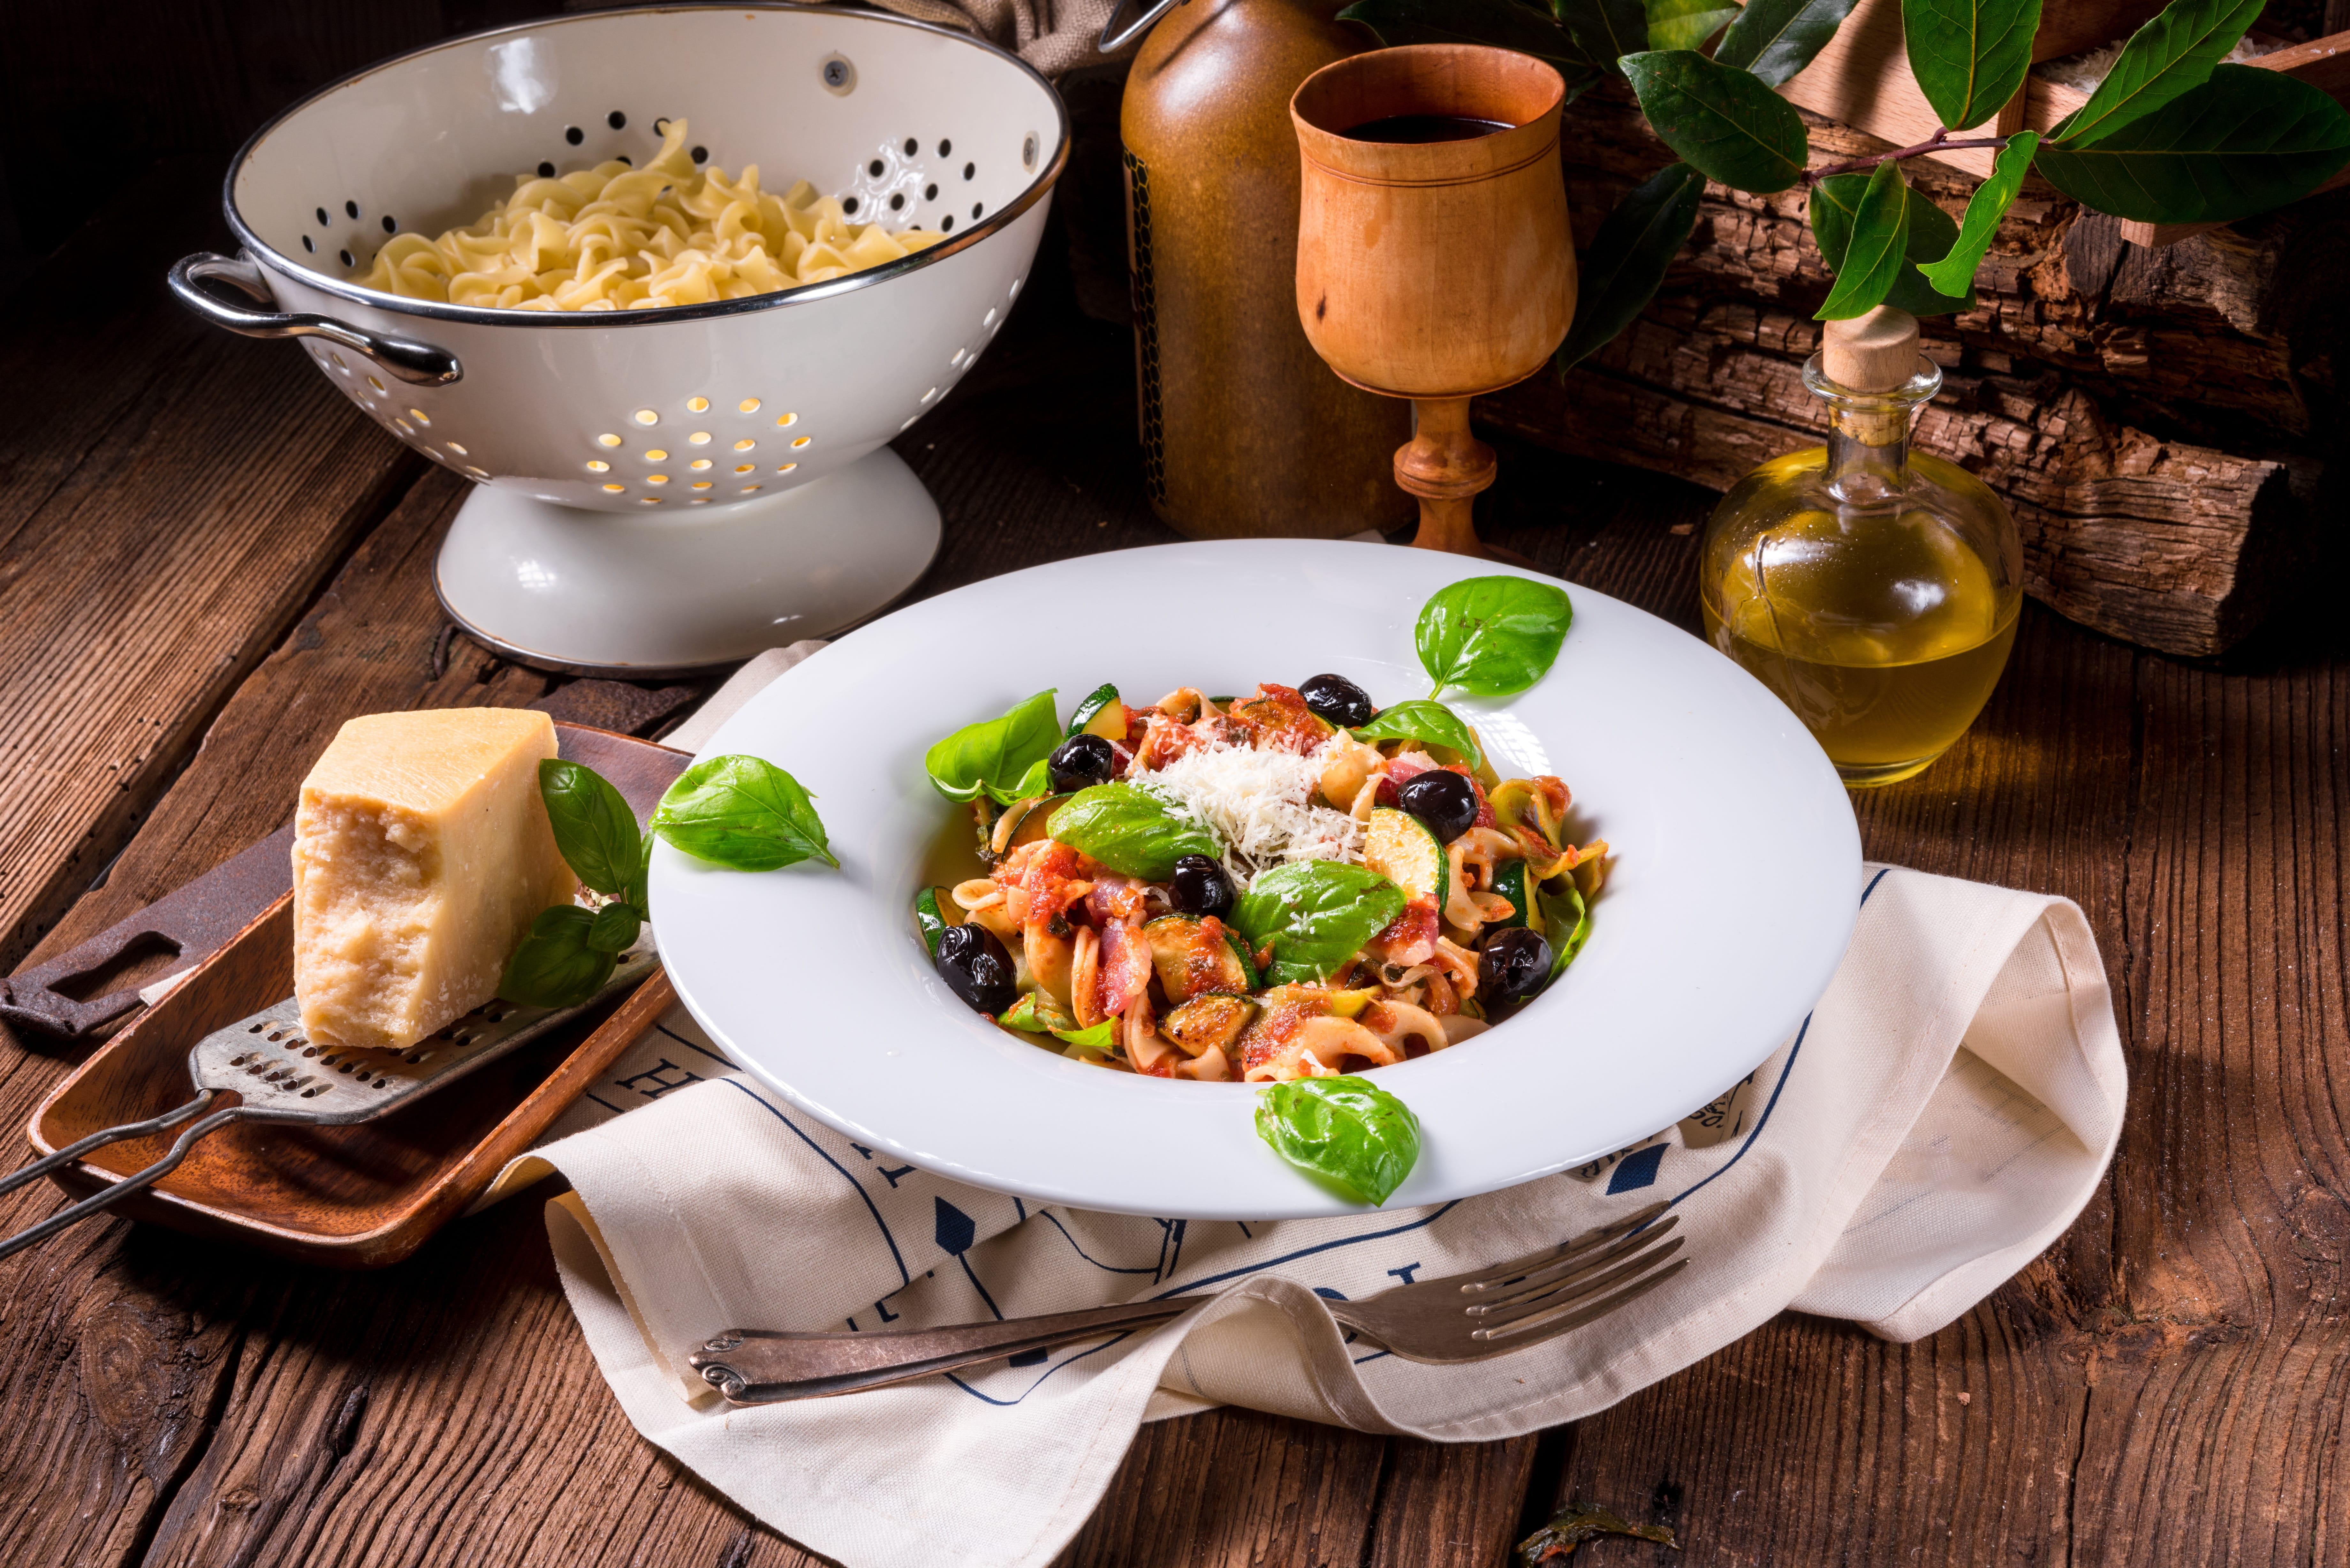 Küche mediterran dekorieren – 6 kreative Tipps